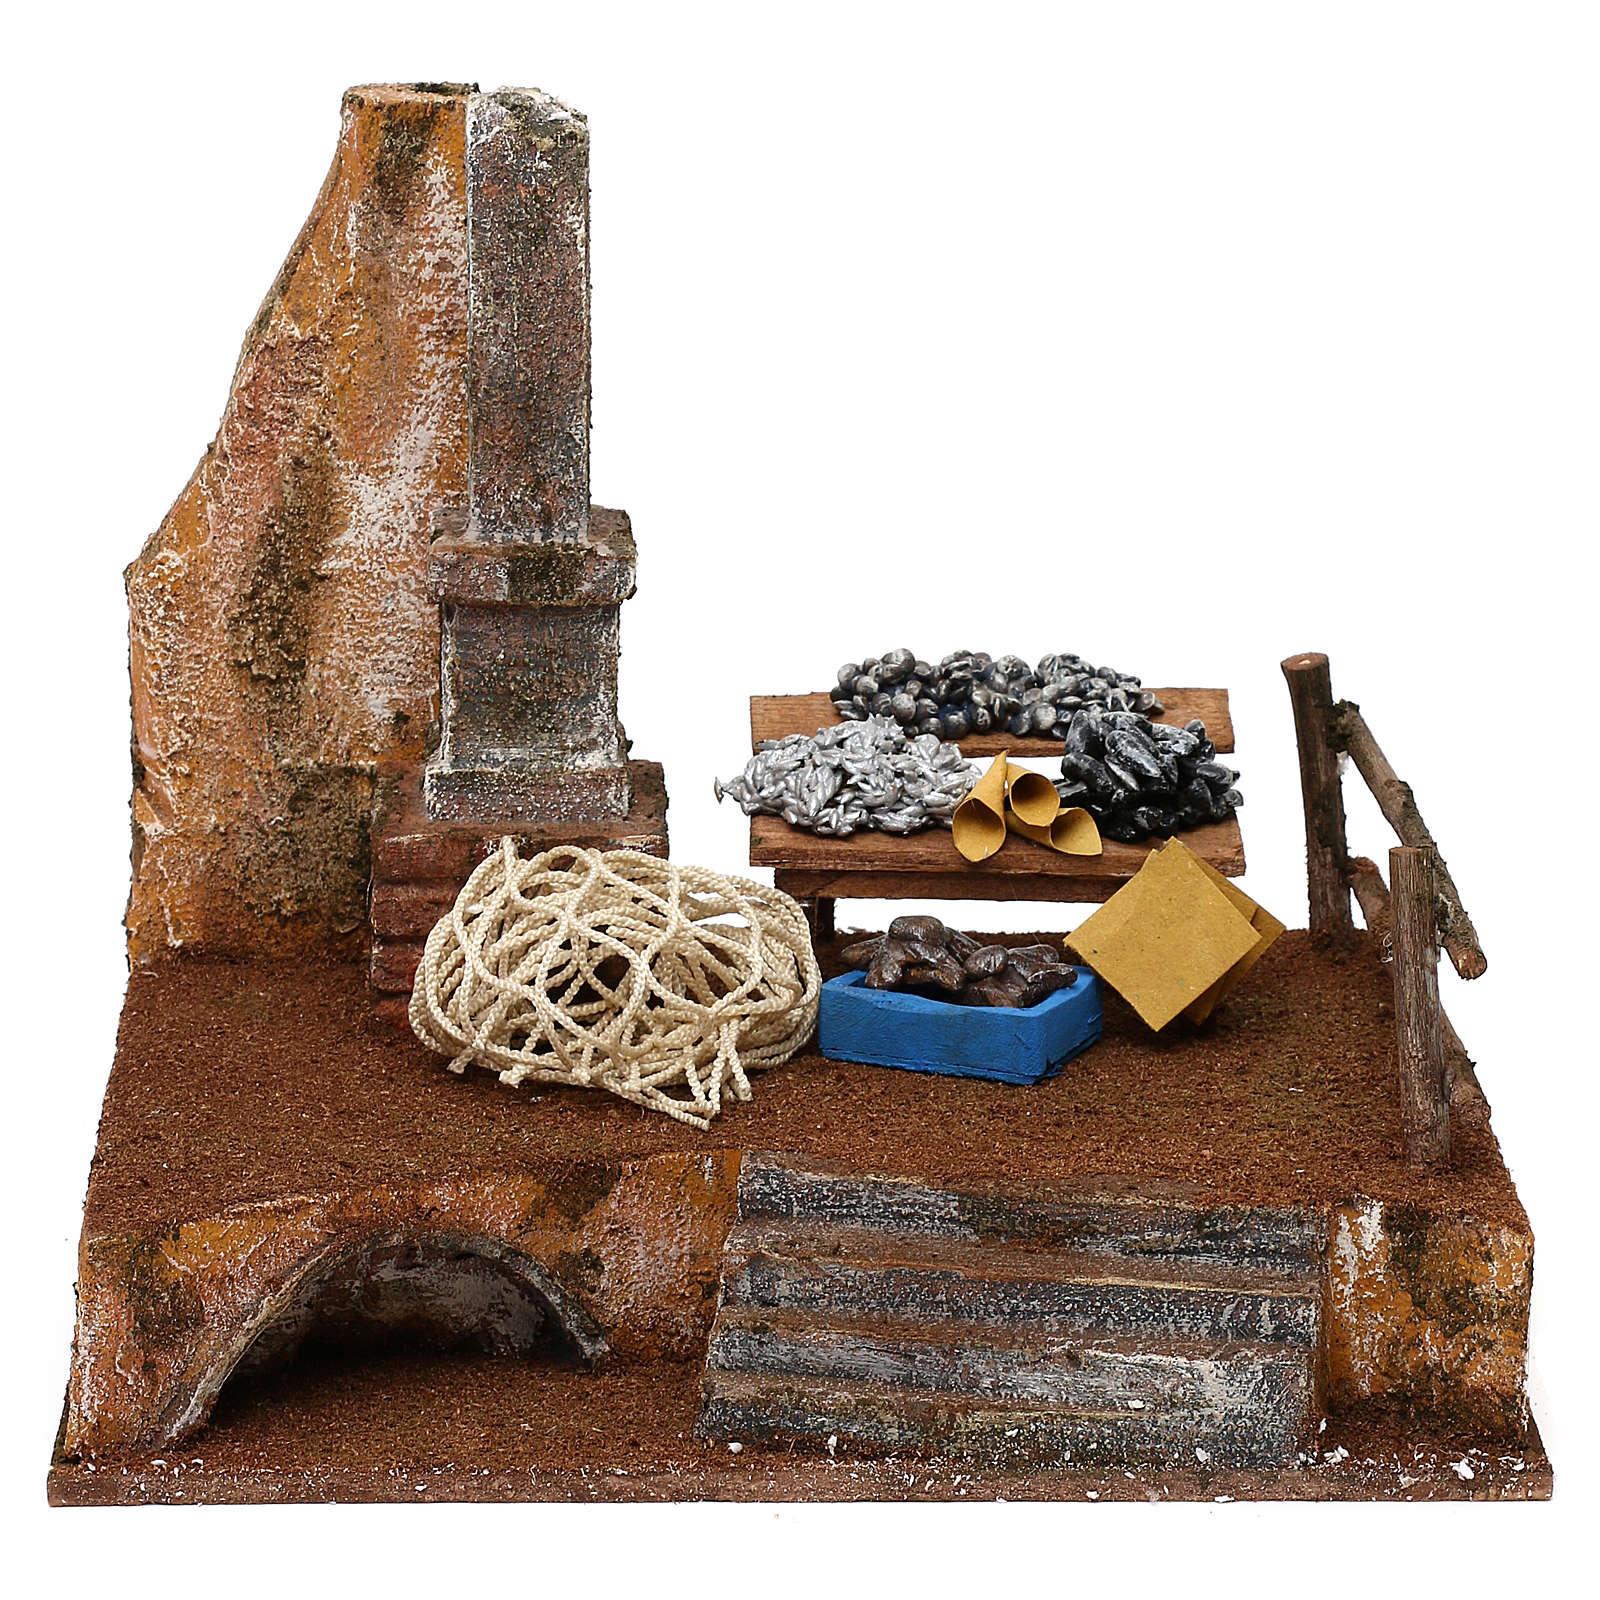 Banchetto pescivendolo in resina presepe 12 cm 20x25x20 cm 4